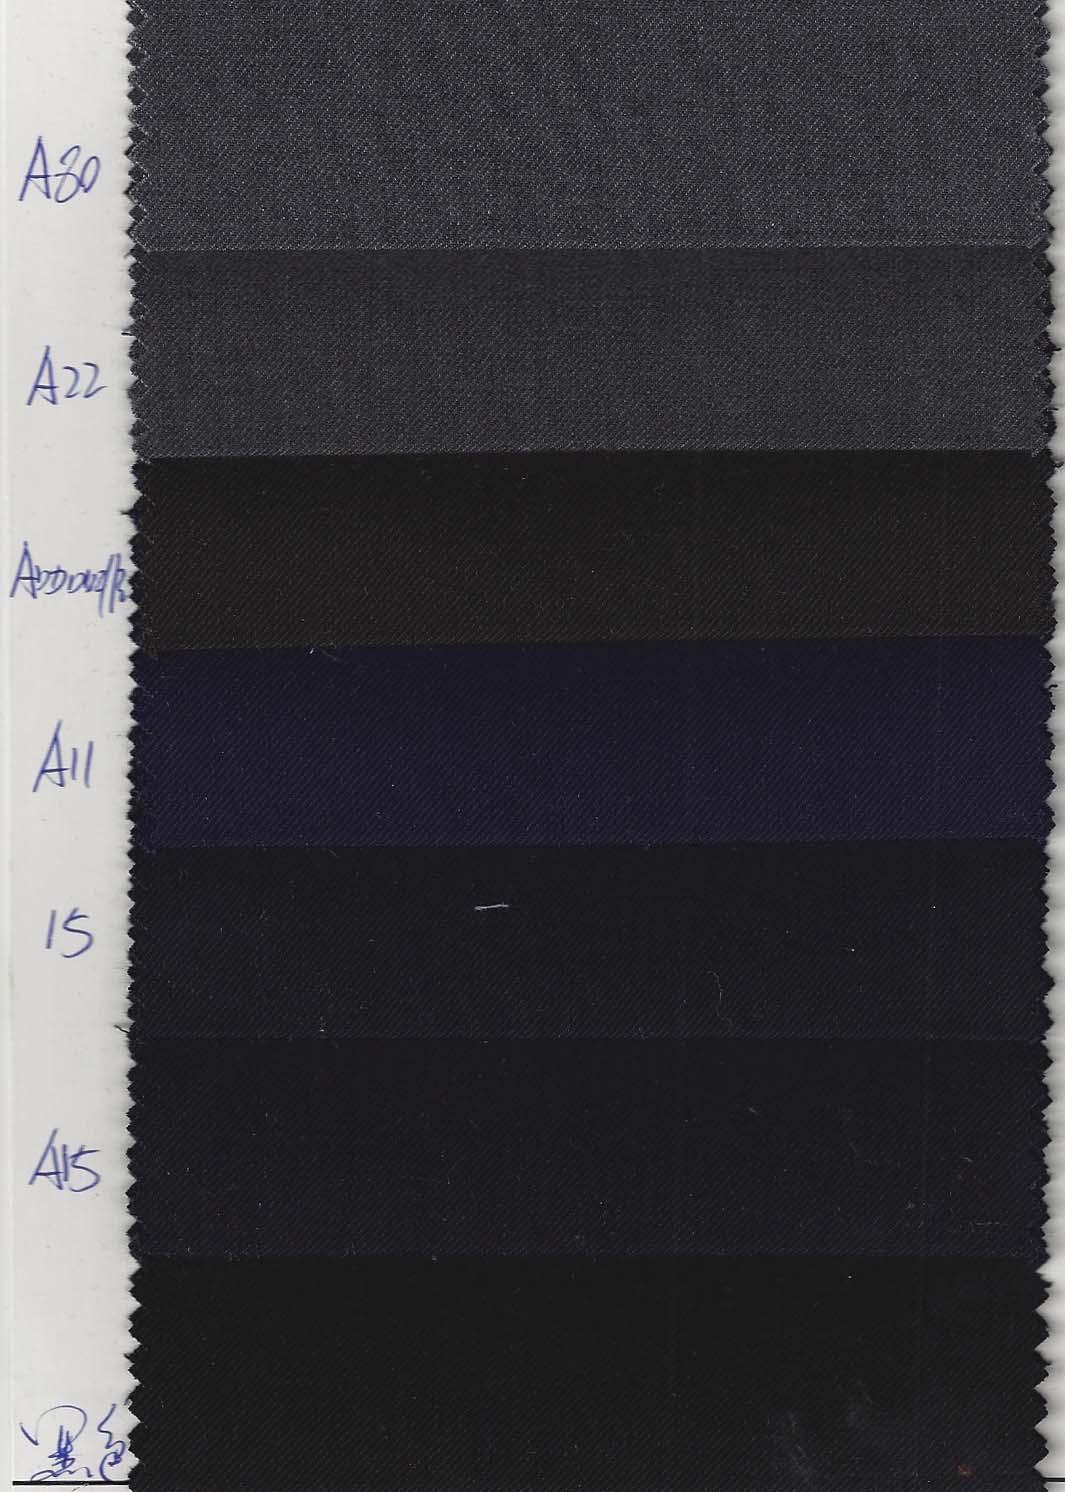 TaiDe Textile 24158.jpg